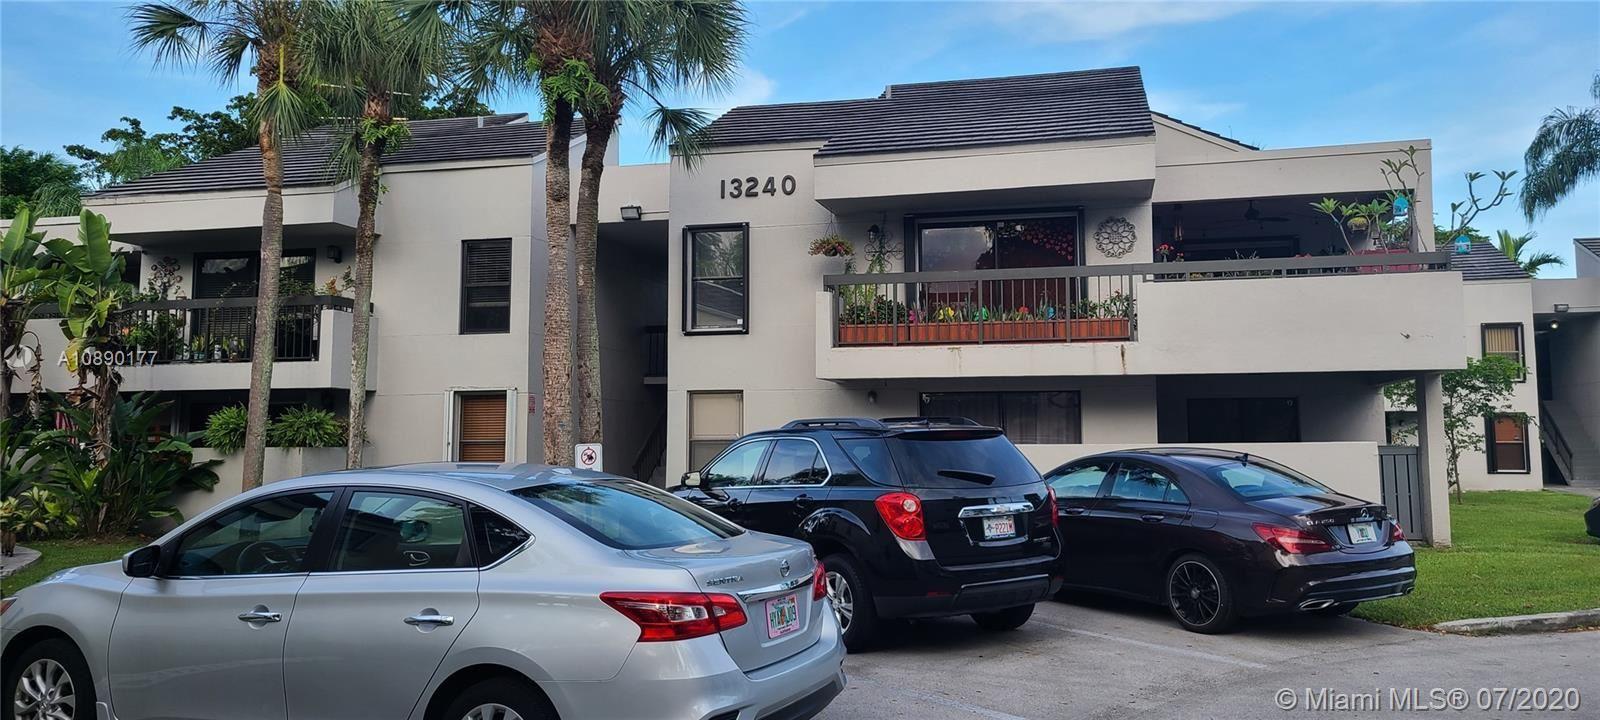 13240 SW 88th Ln #212-E, Miami, FL 33186 - #: A10890177